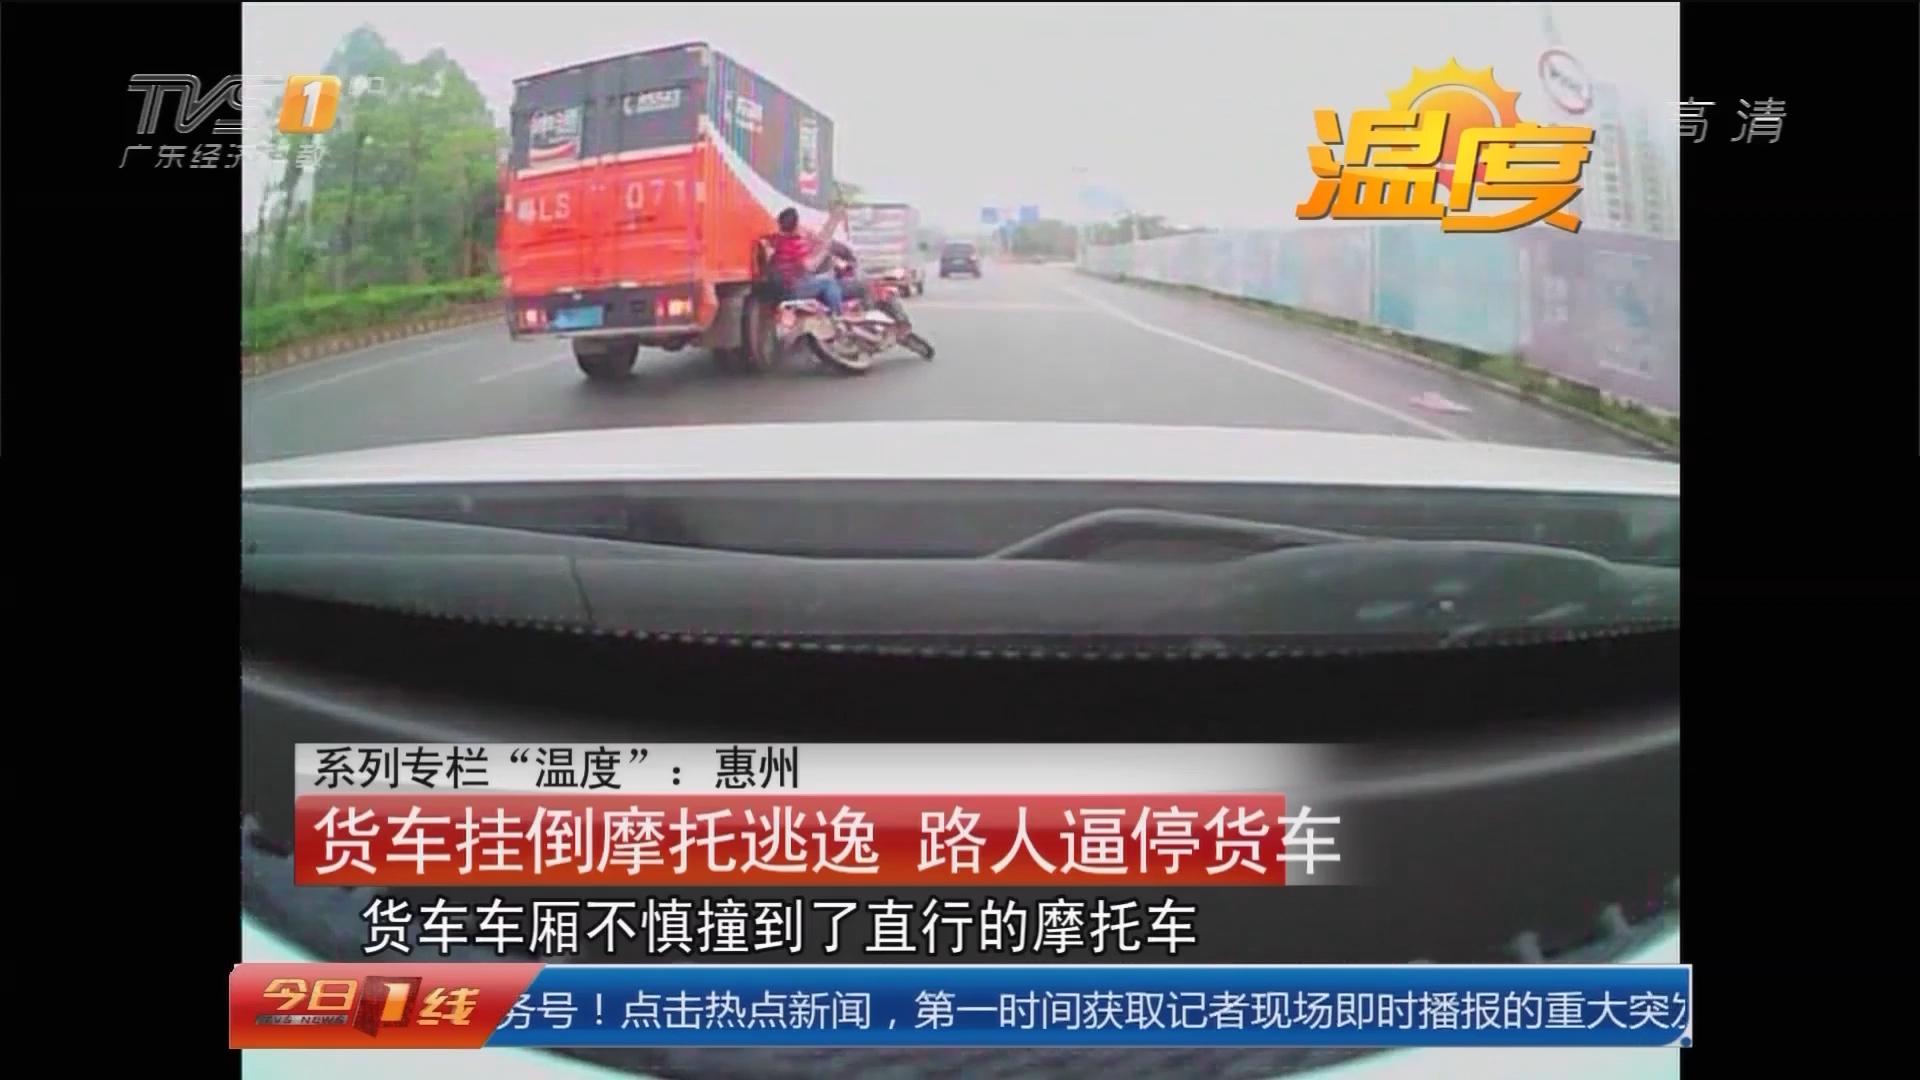 """系列专栏""""温度"""":惠州 货车挂倒摩托逃逸 路人逼停货车"""